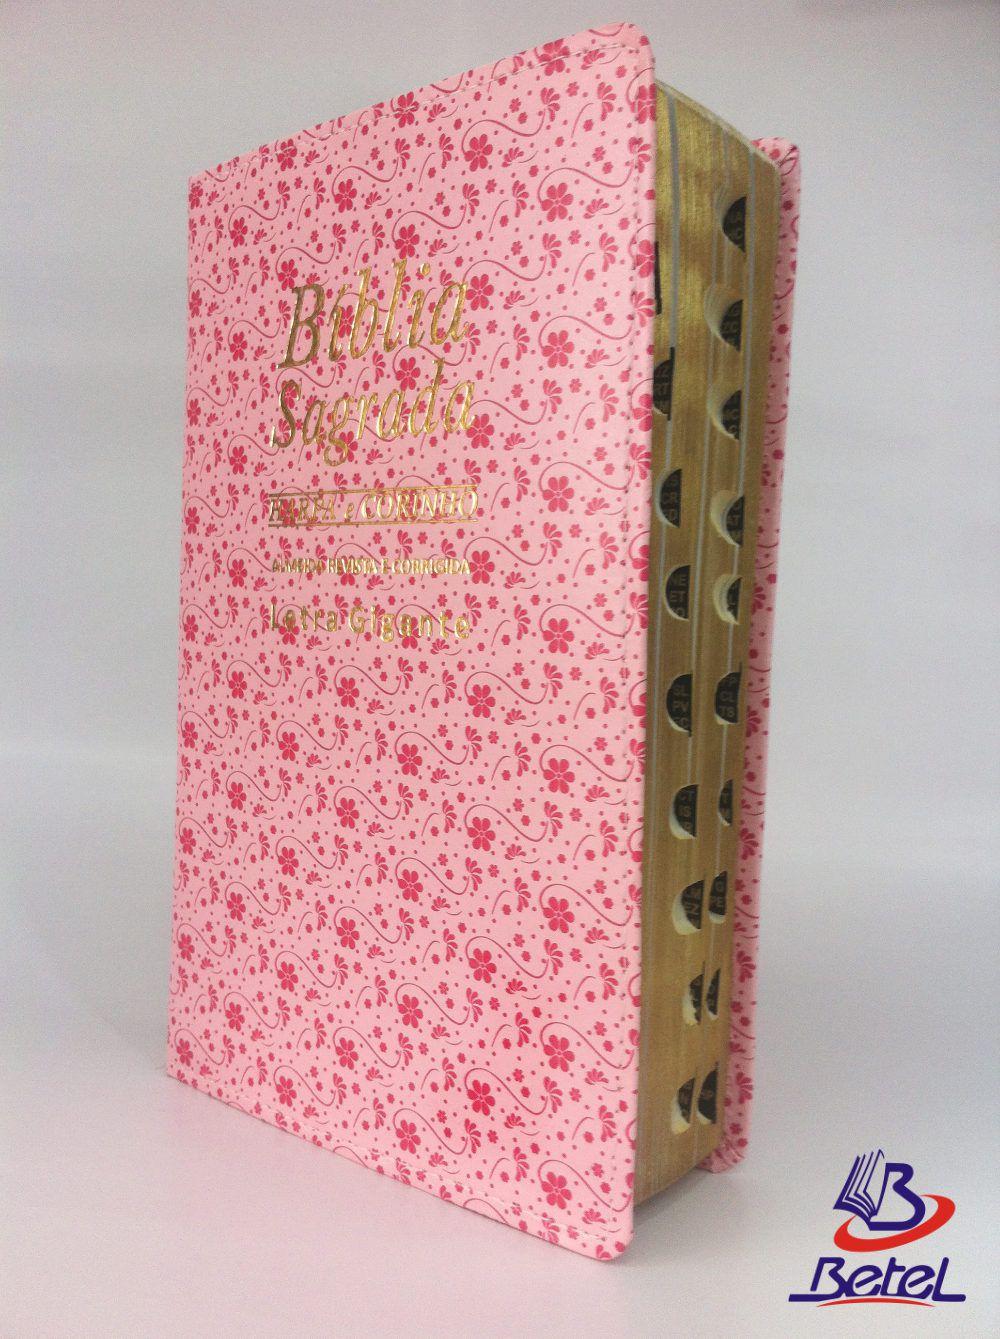 Bíblia com Harpa Letra Gigante ARC Luxo (Rosa)  - Livraria Betel